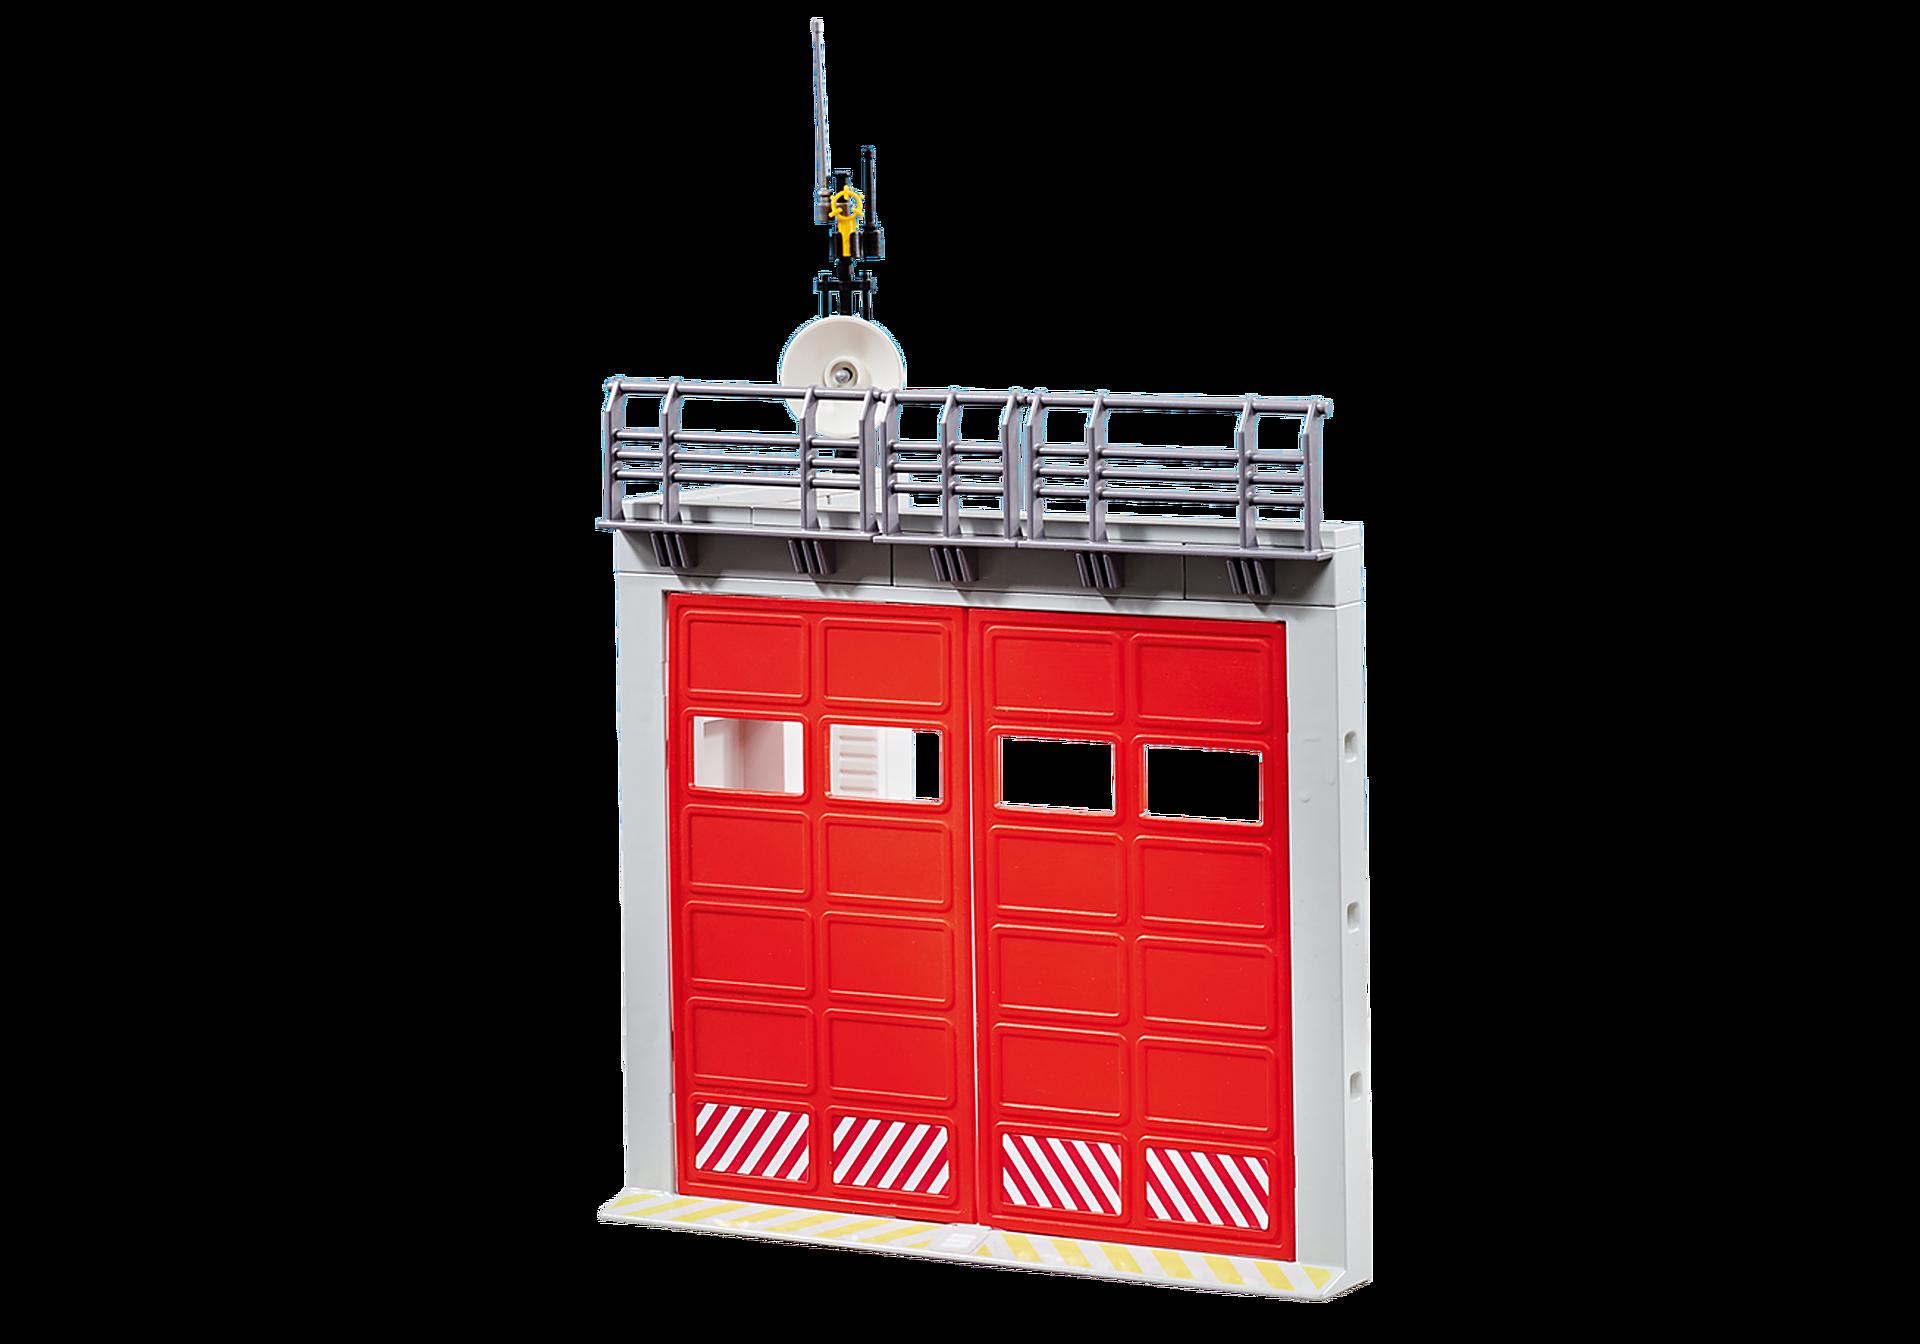 9803 Rozbudowa - brama dla straży pożarnej zoom image1